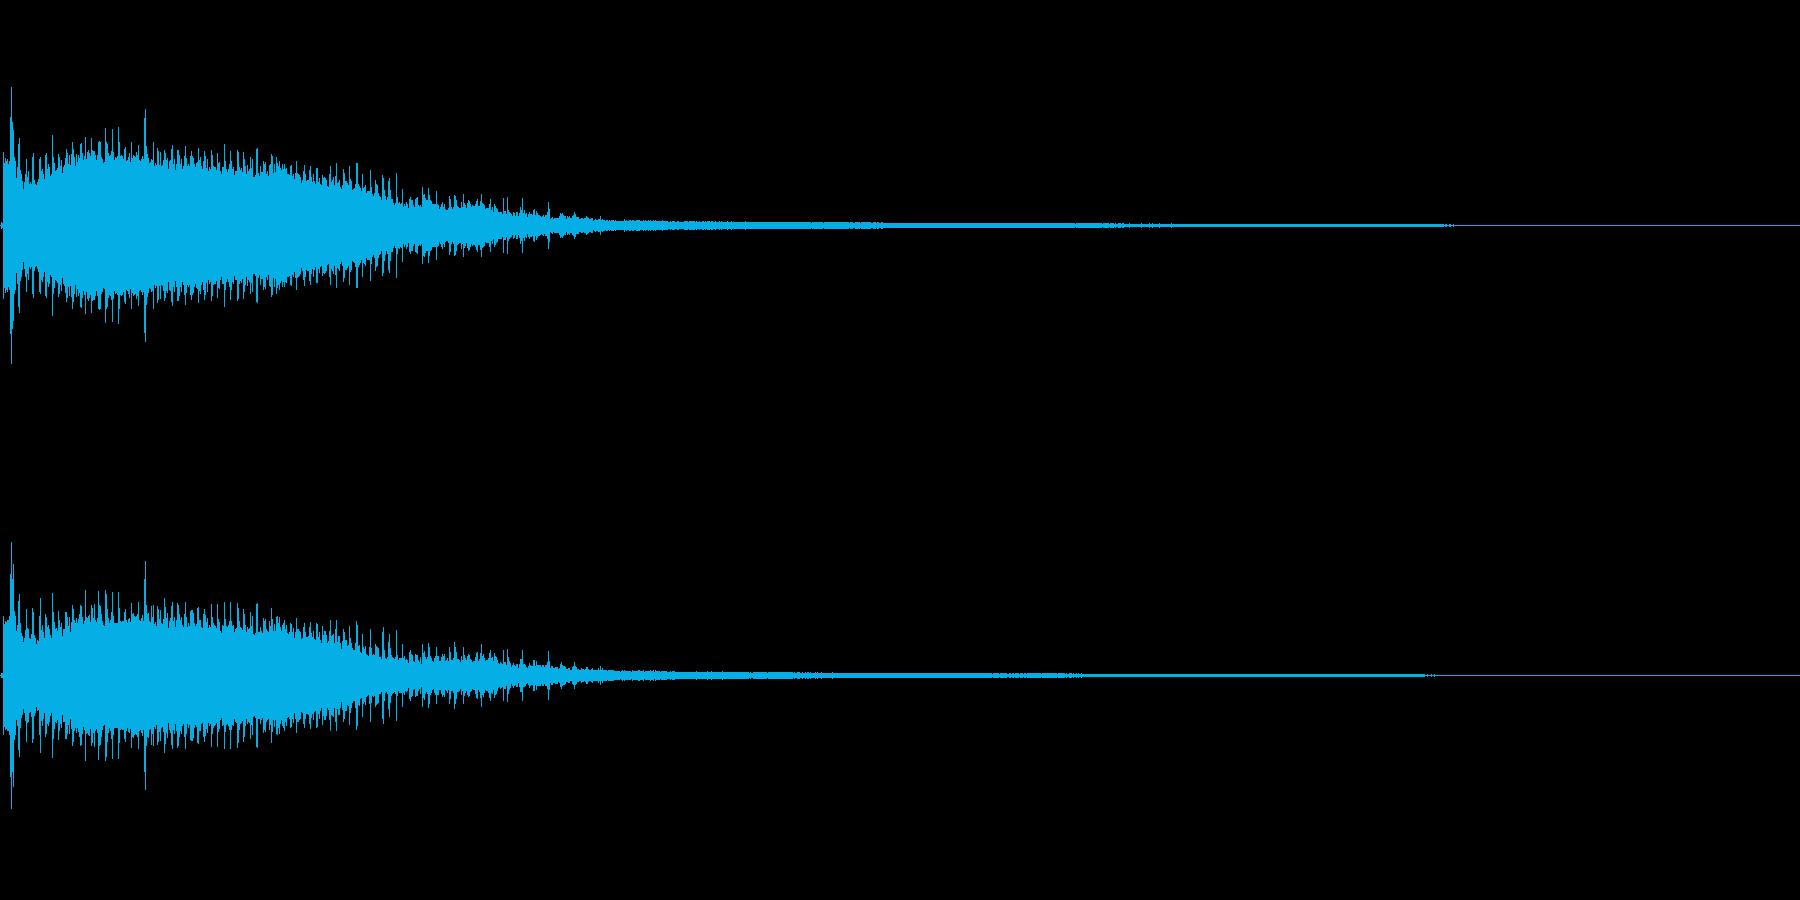 気の抜けたパーカッションのフレーズ 1Bの再生済みの波形